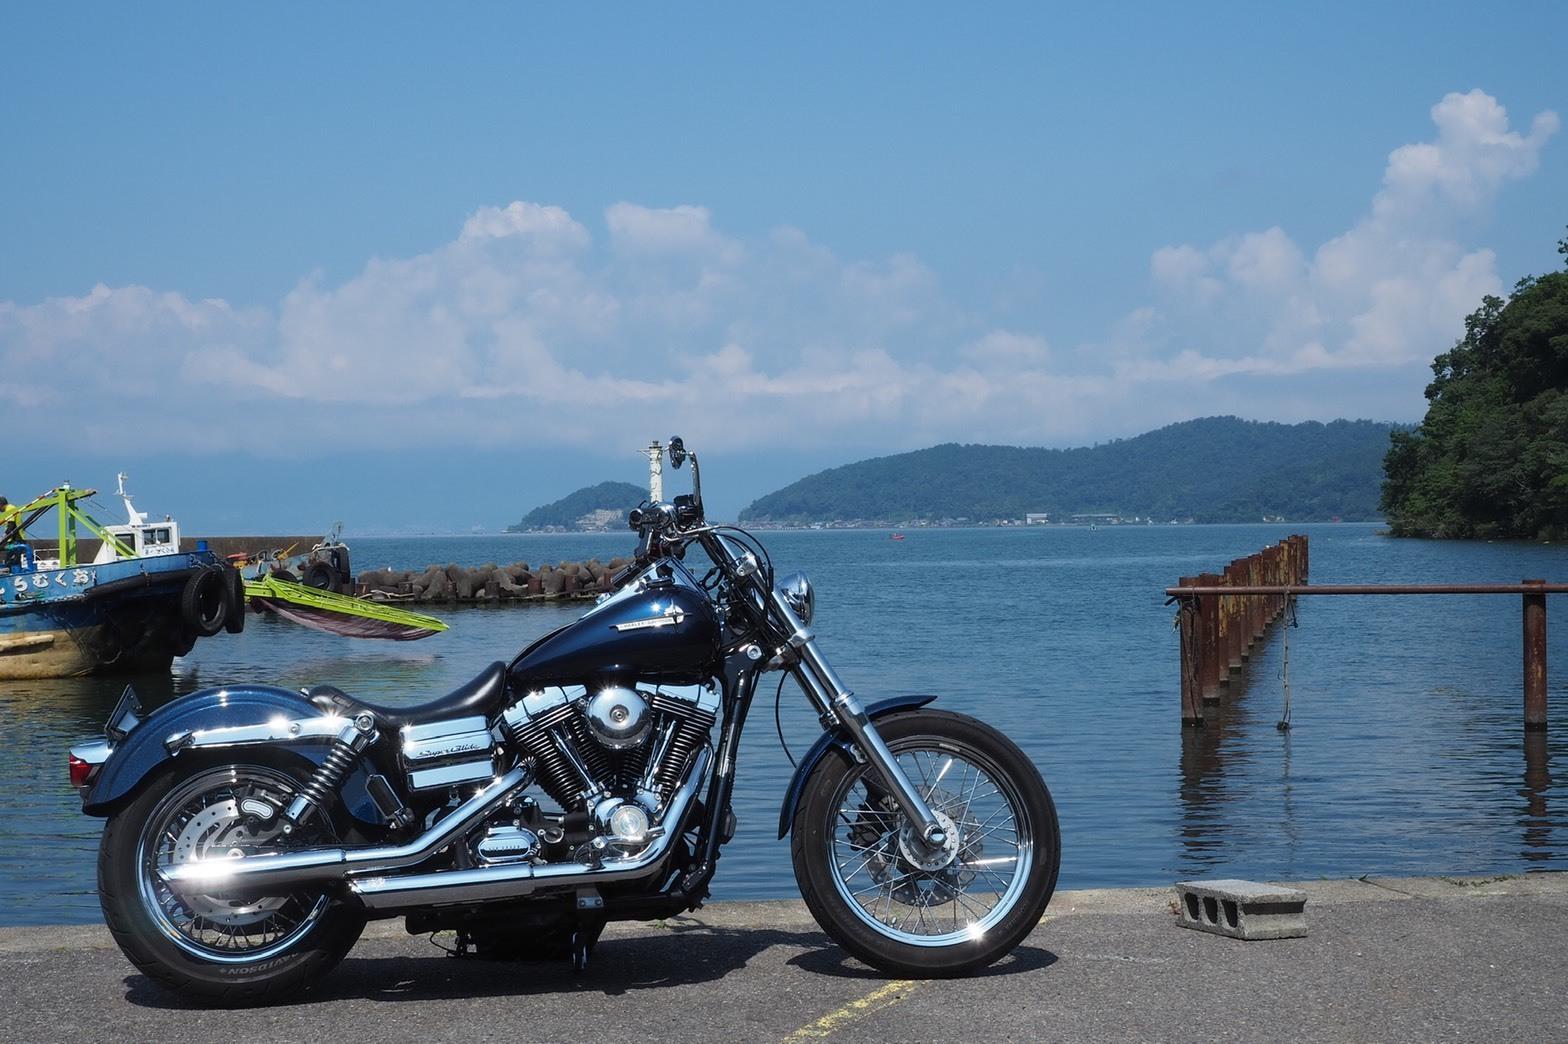 ぴーきちハーレーブログ ビワイチ ヨゴイチツーリング 沖の島